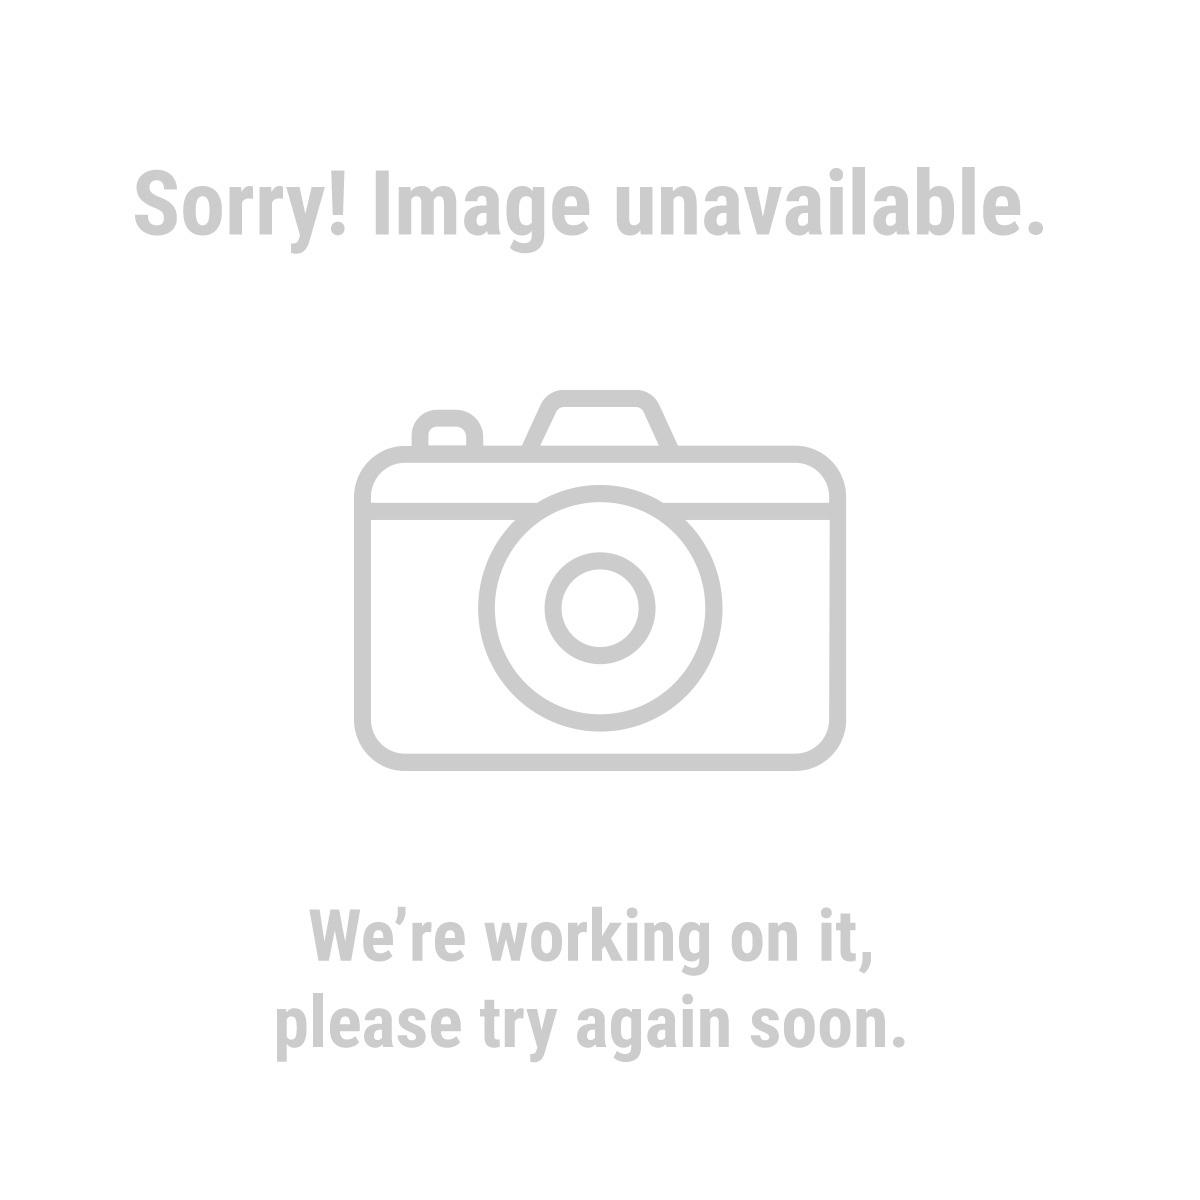 Haul-Master® 67159 3500 Lb. Capacity Step Bumper Receiver